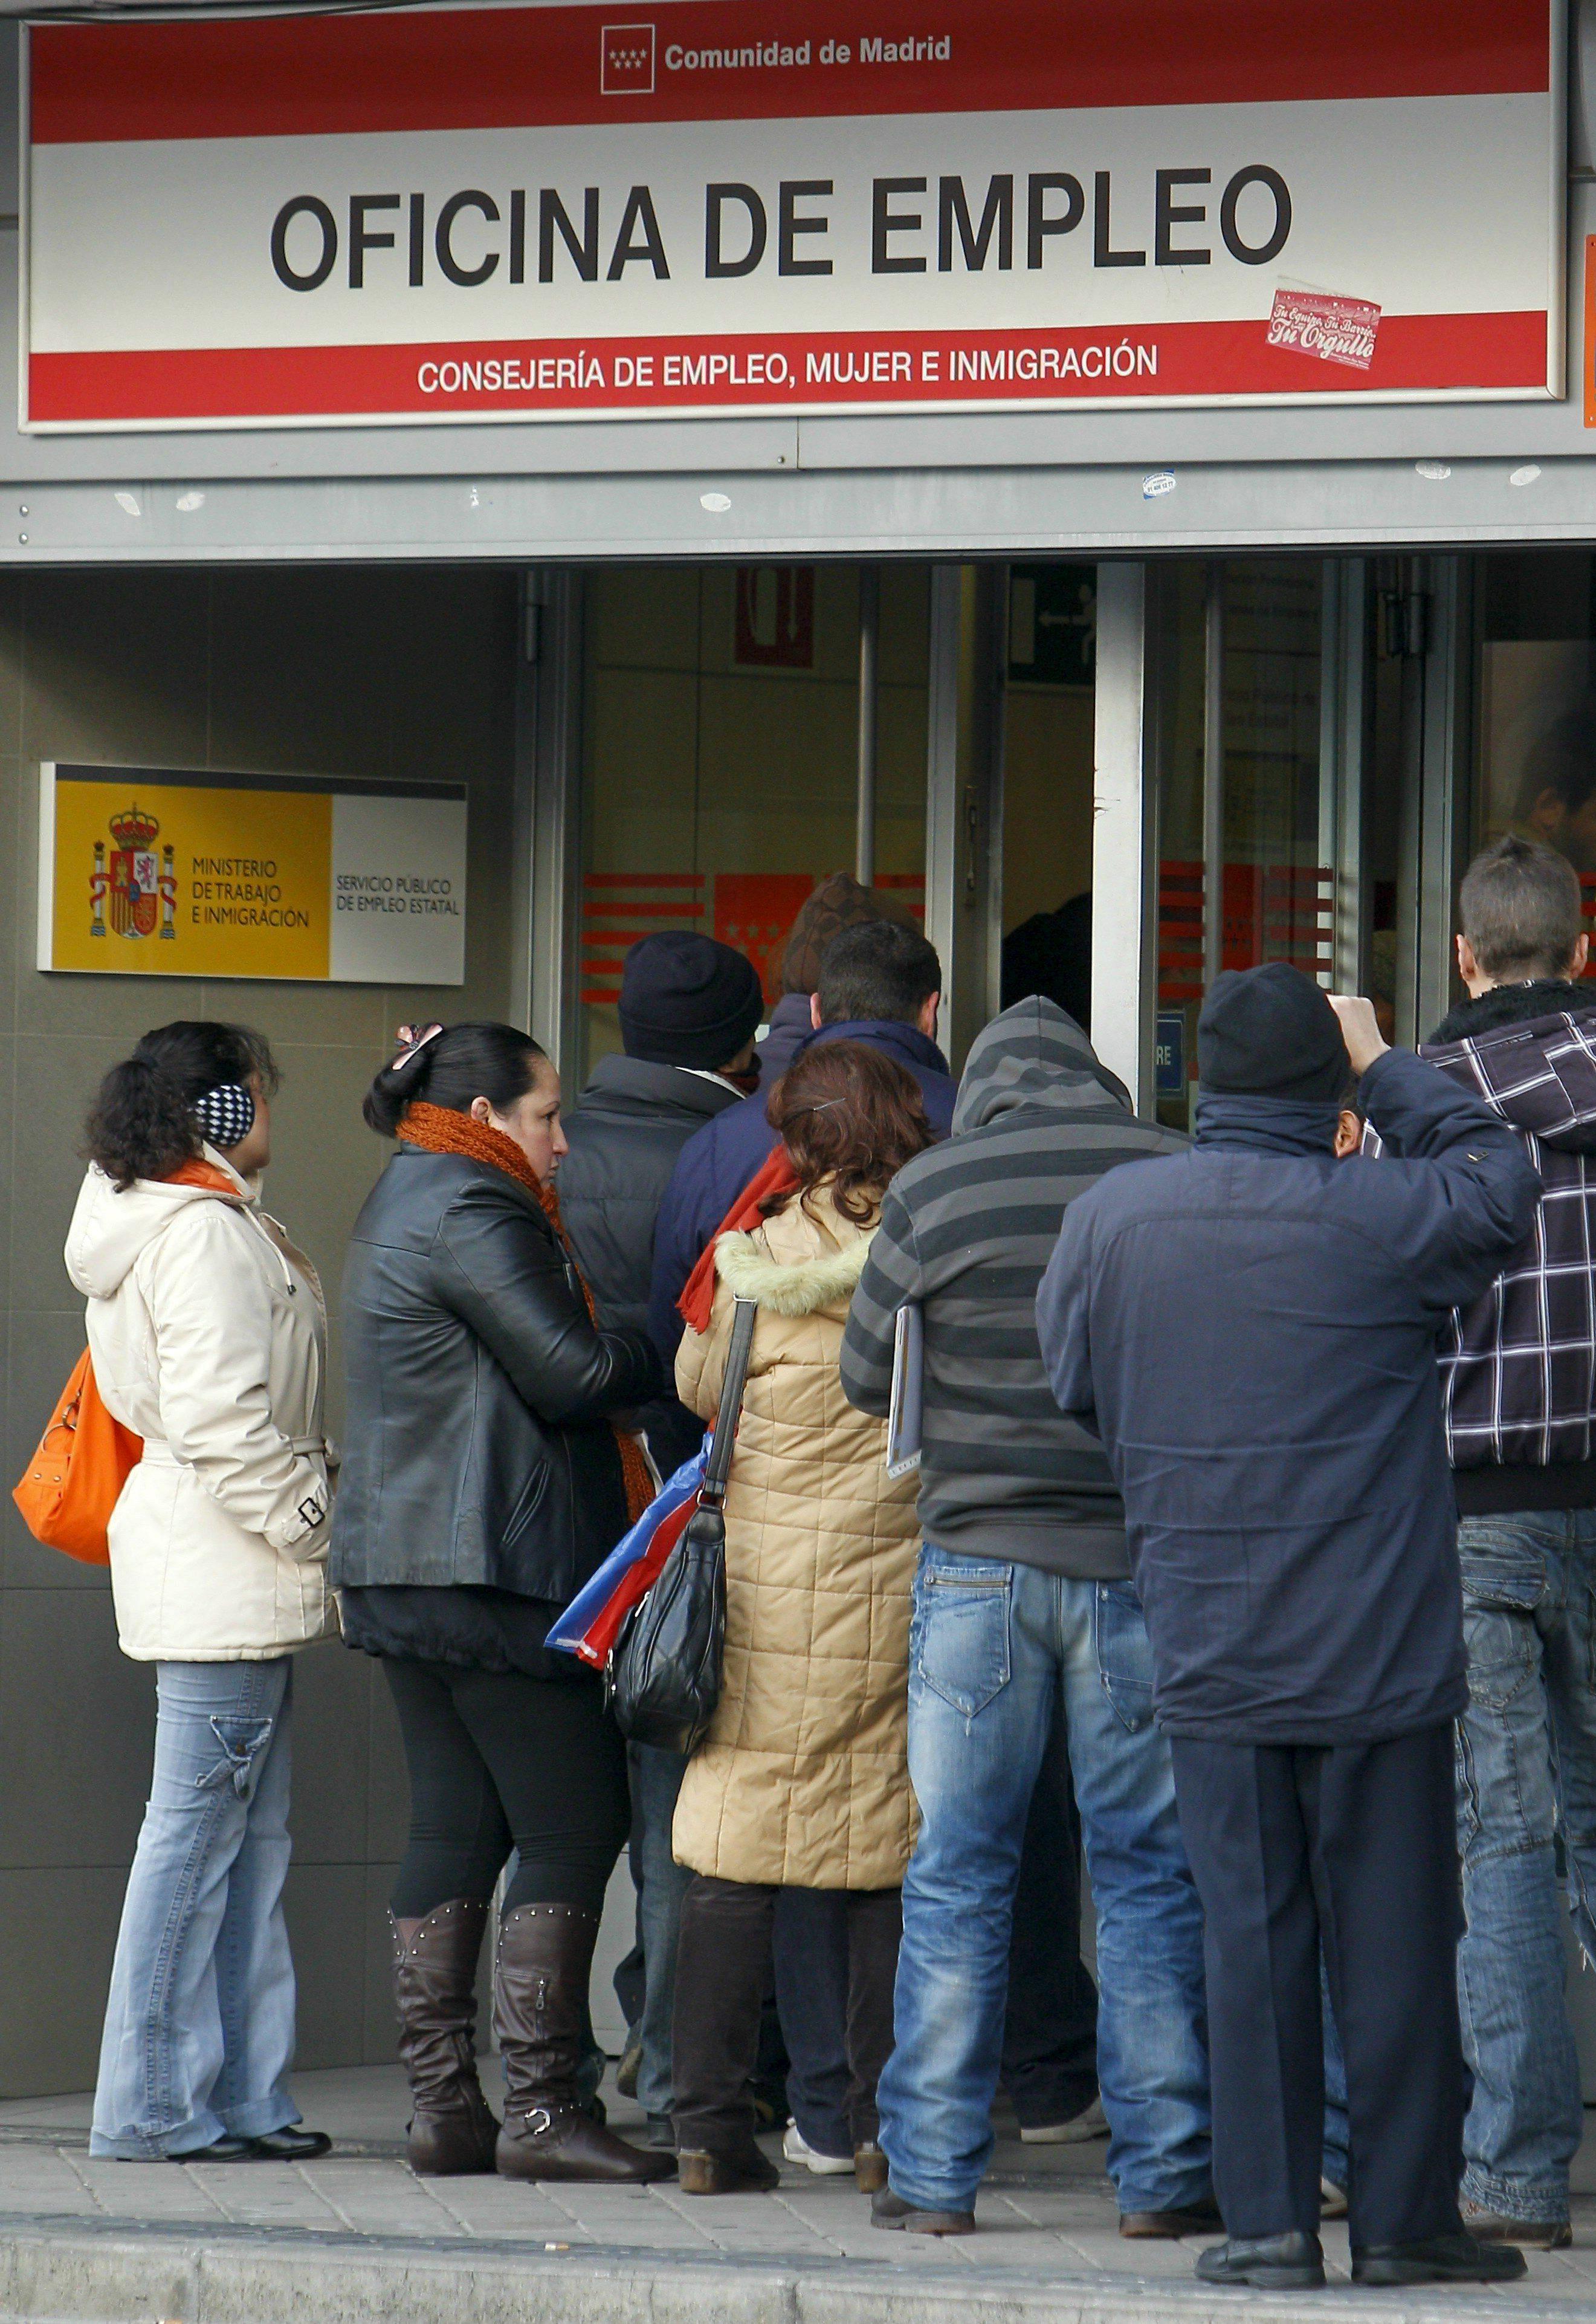 El paro registra en abril su mayor ca da mensual con 129 for Oficina de empleo pontevedra